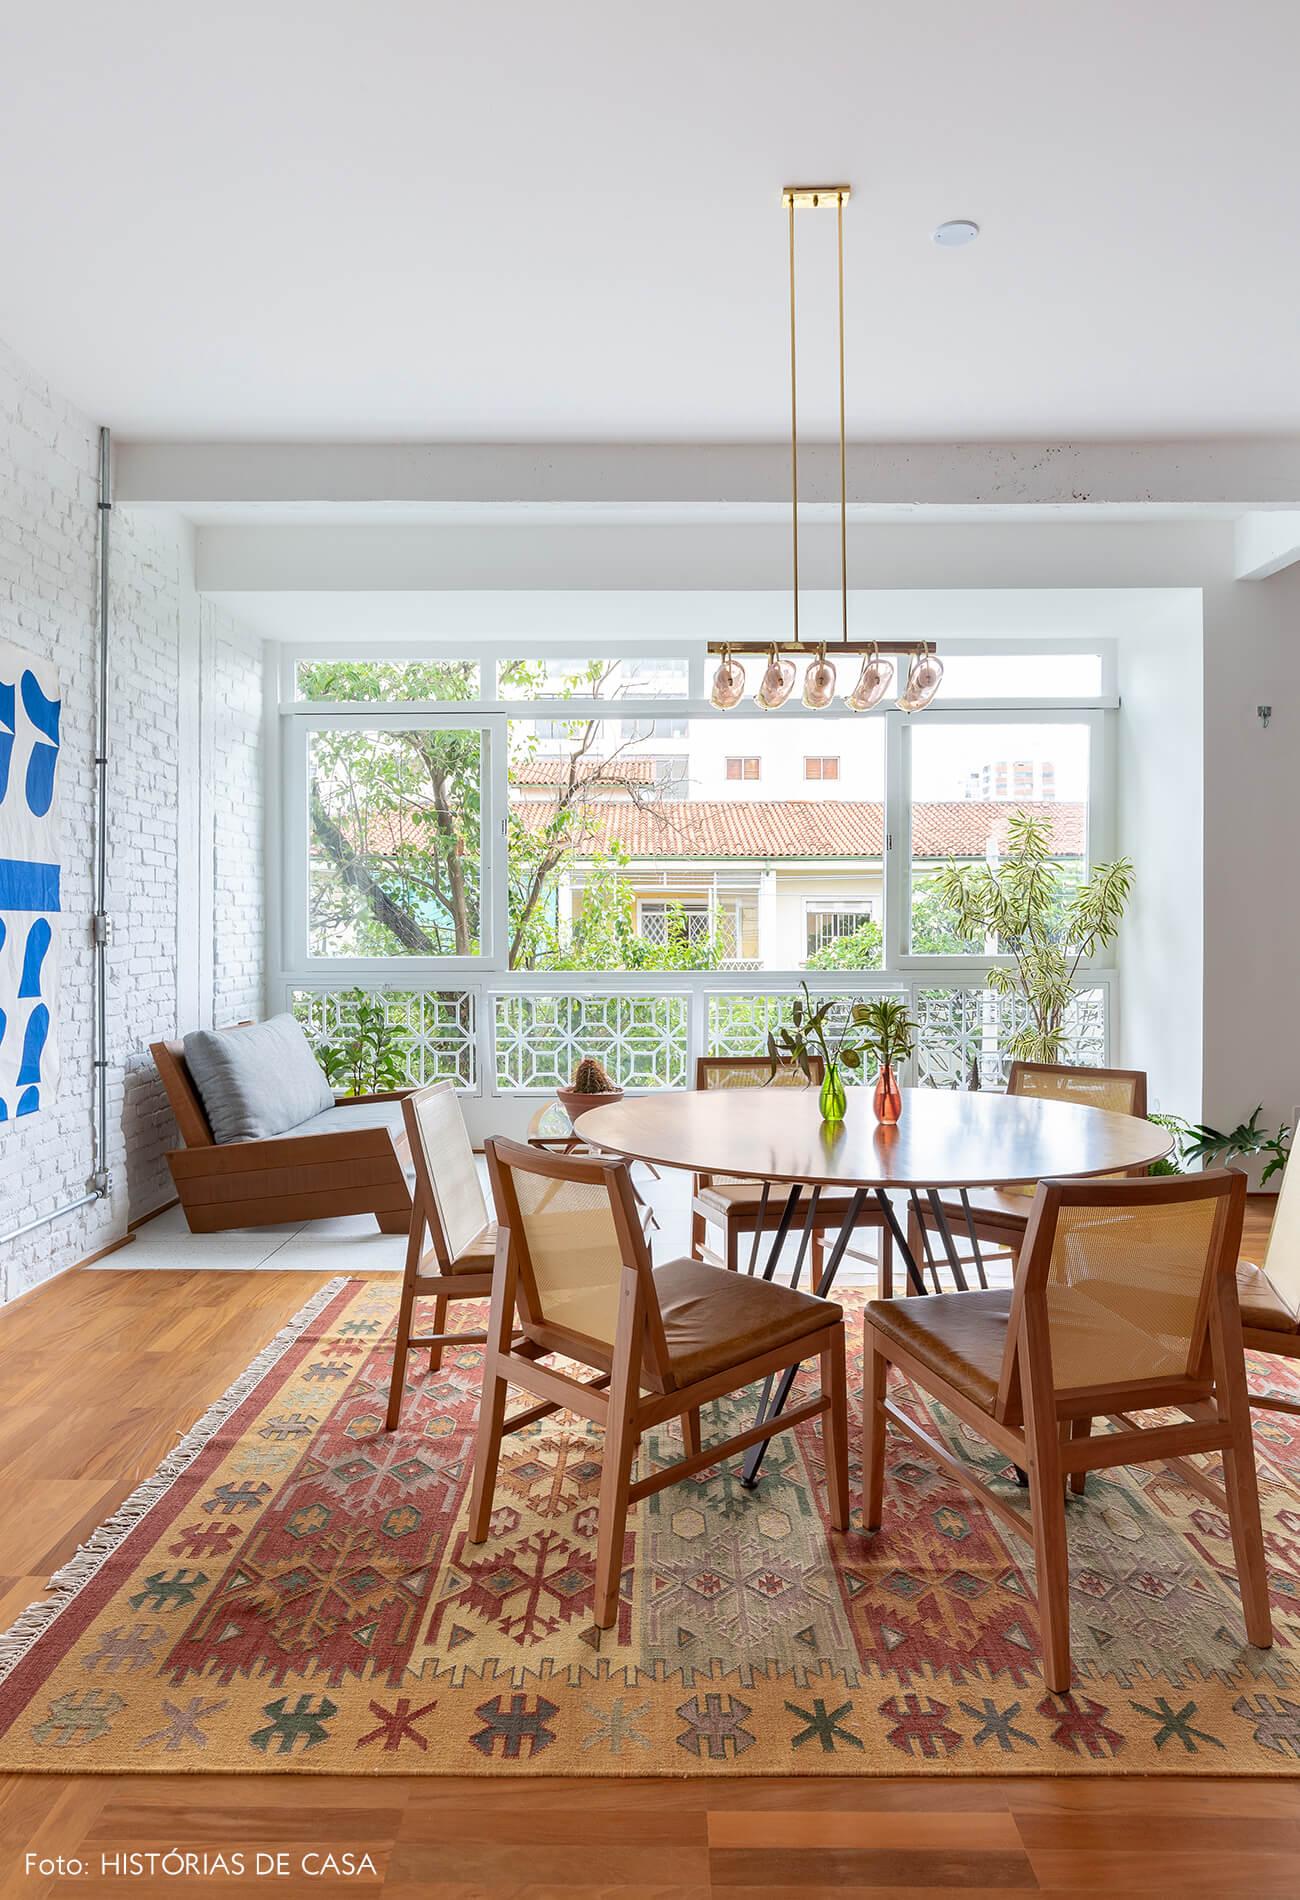 Sala de jantar com varanda integrada e mesa redonda de madeira